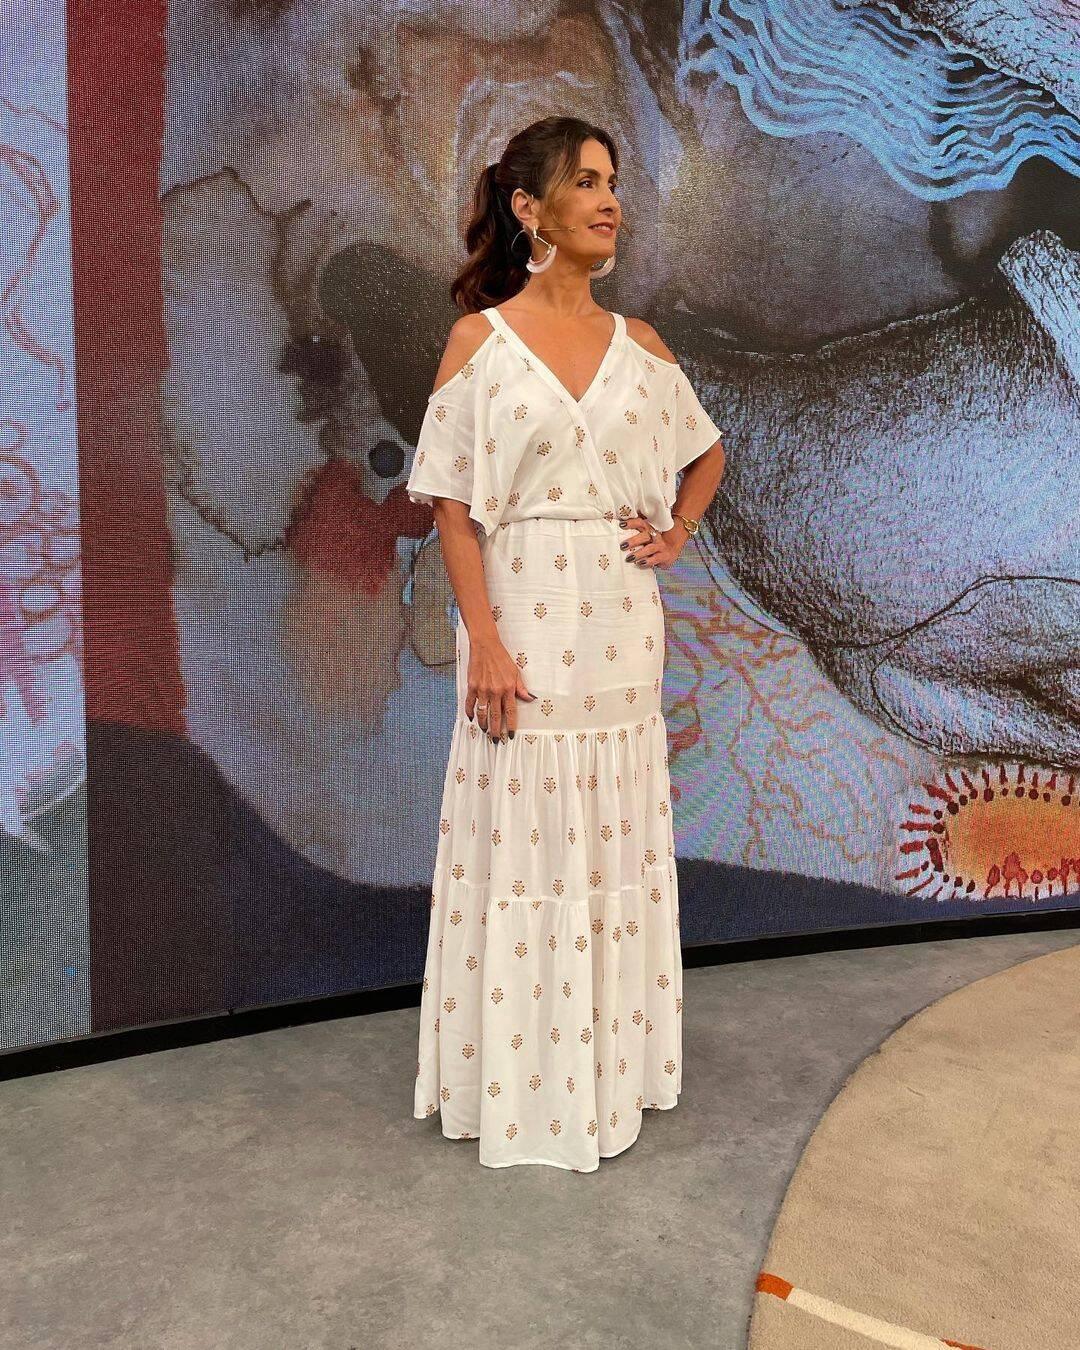 De vestido branco a apresentadora ficou um charme (Foto: Instagram/ @fatimabernardes)